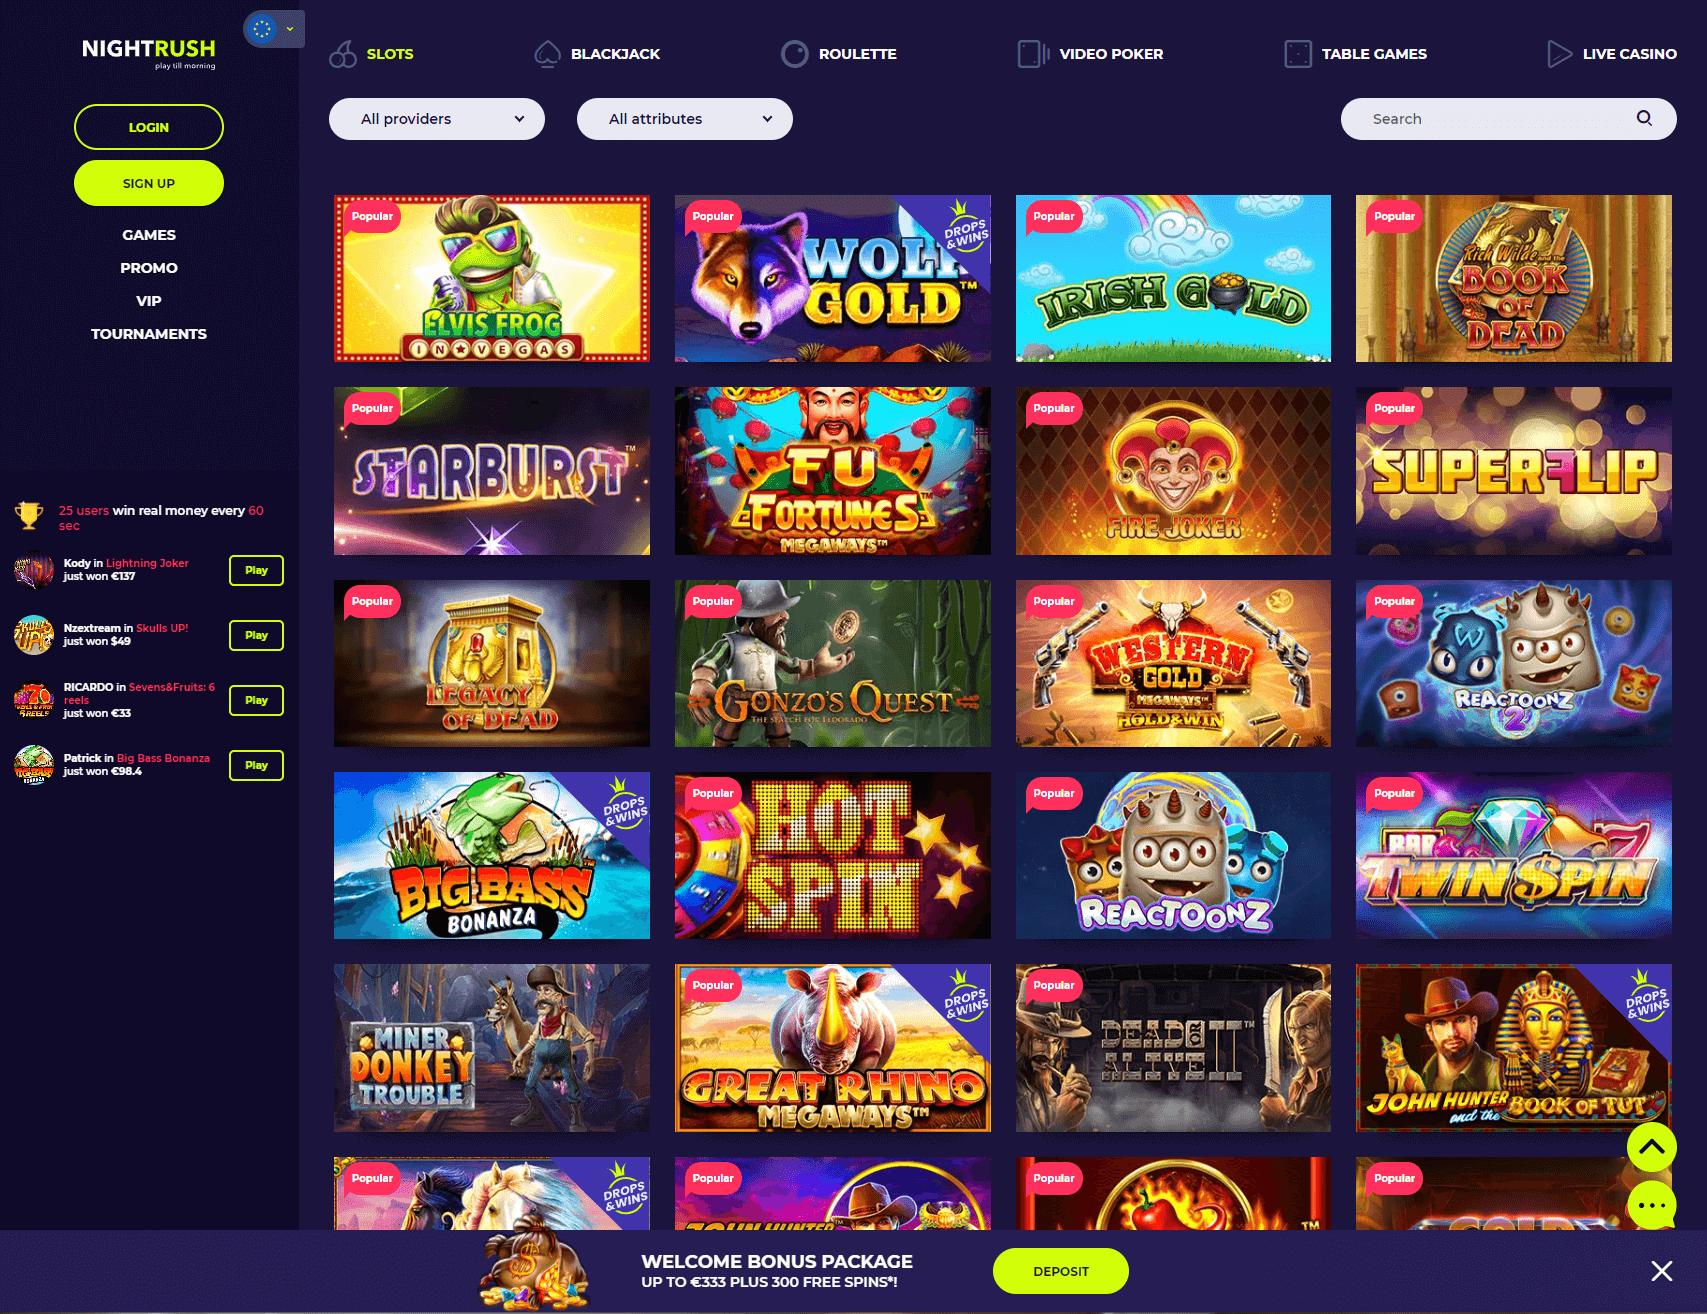 Nightrush Games Lobby Screenshot